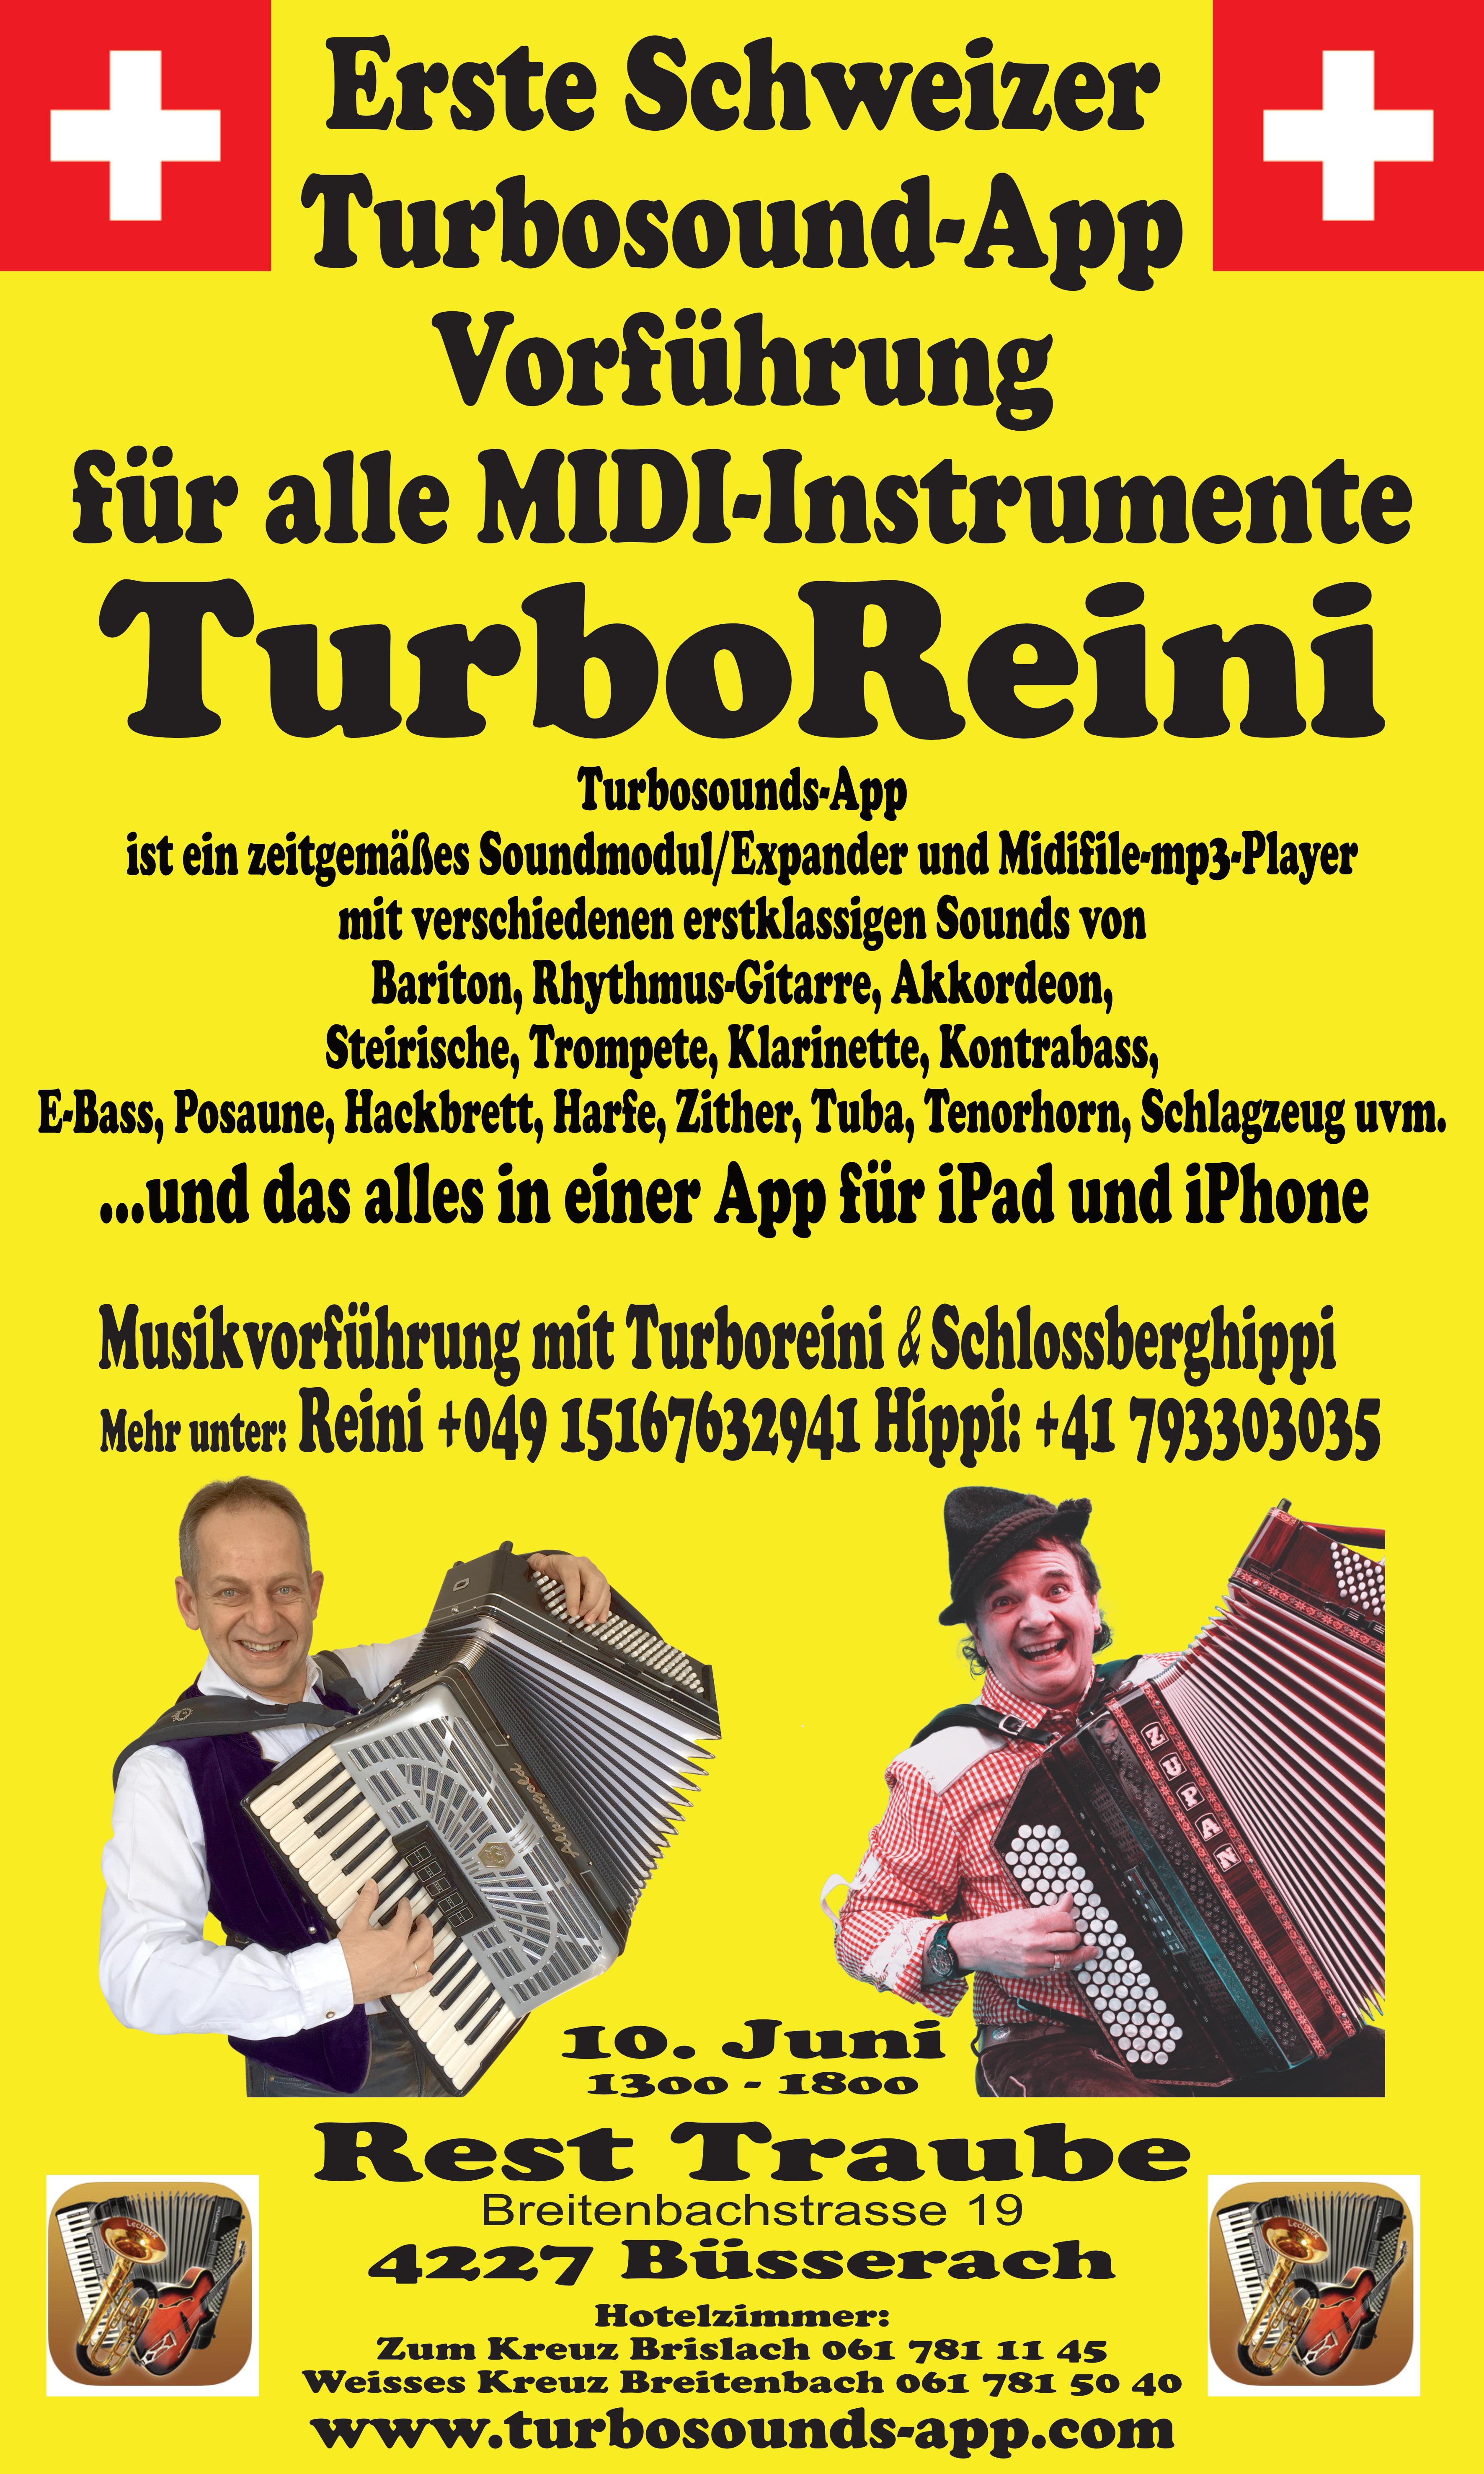 Turbosounds-App Vorführung in der schönen Schweiz